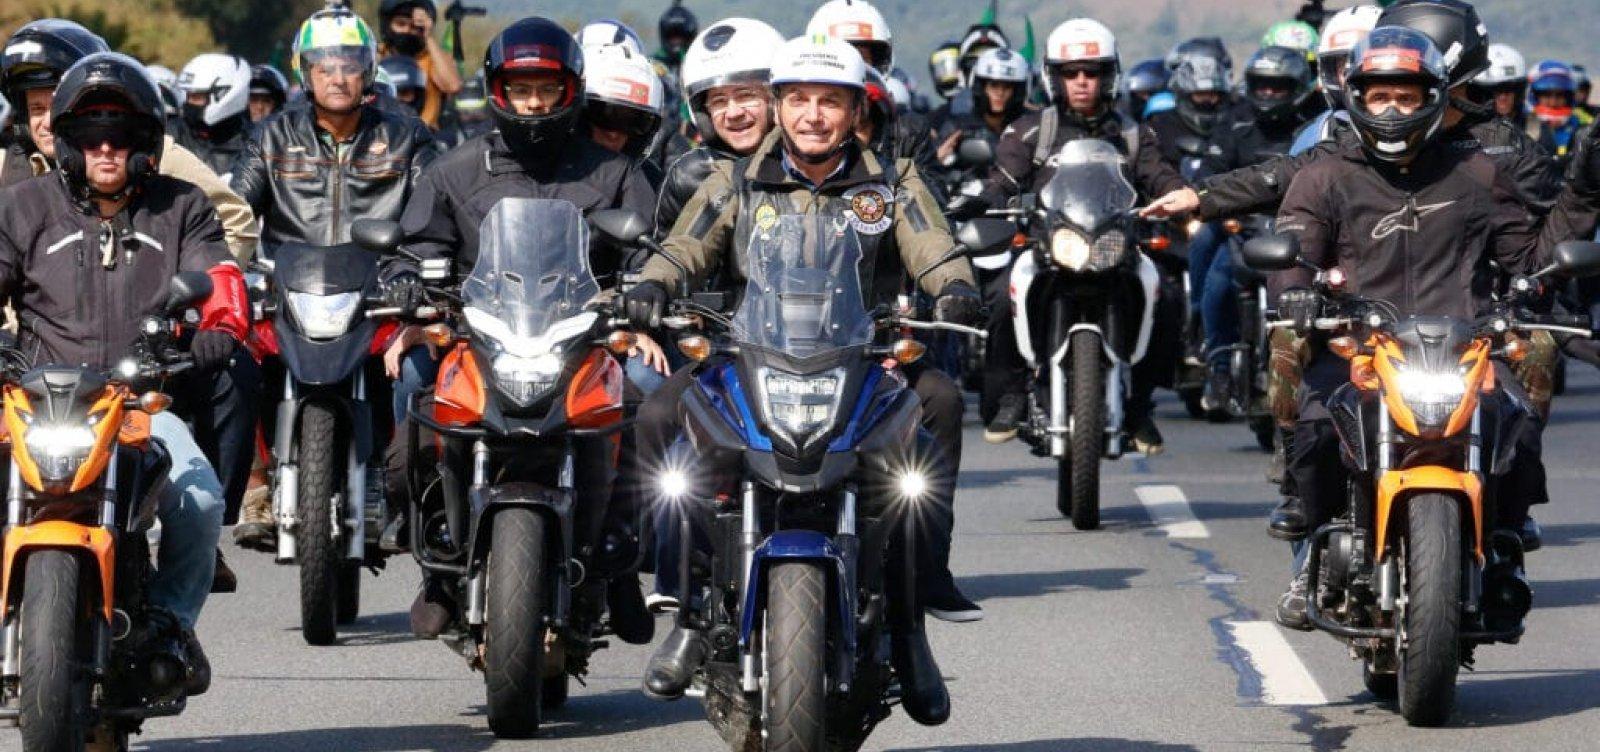 """Após atos pedindo intervenção militar, ex-vereador diz que organiza motocarreata """"pela democracia"""" no 2 de Julho"""